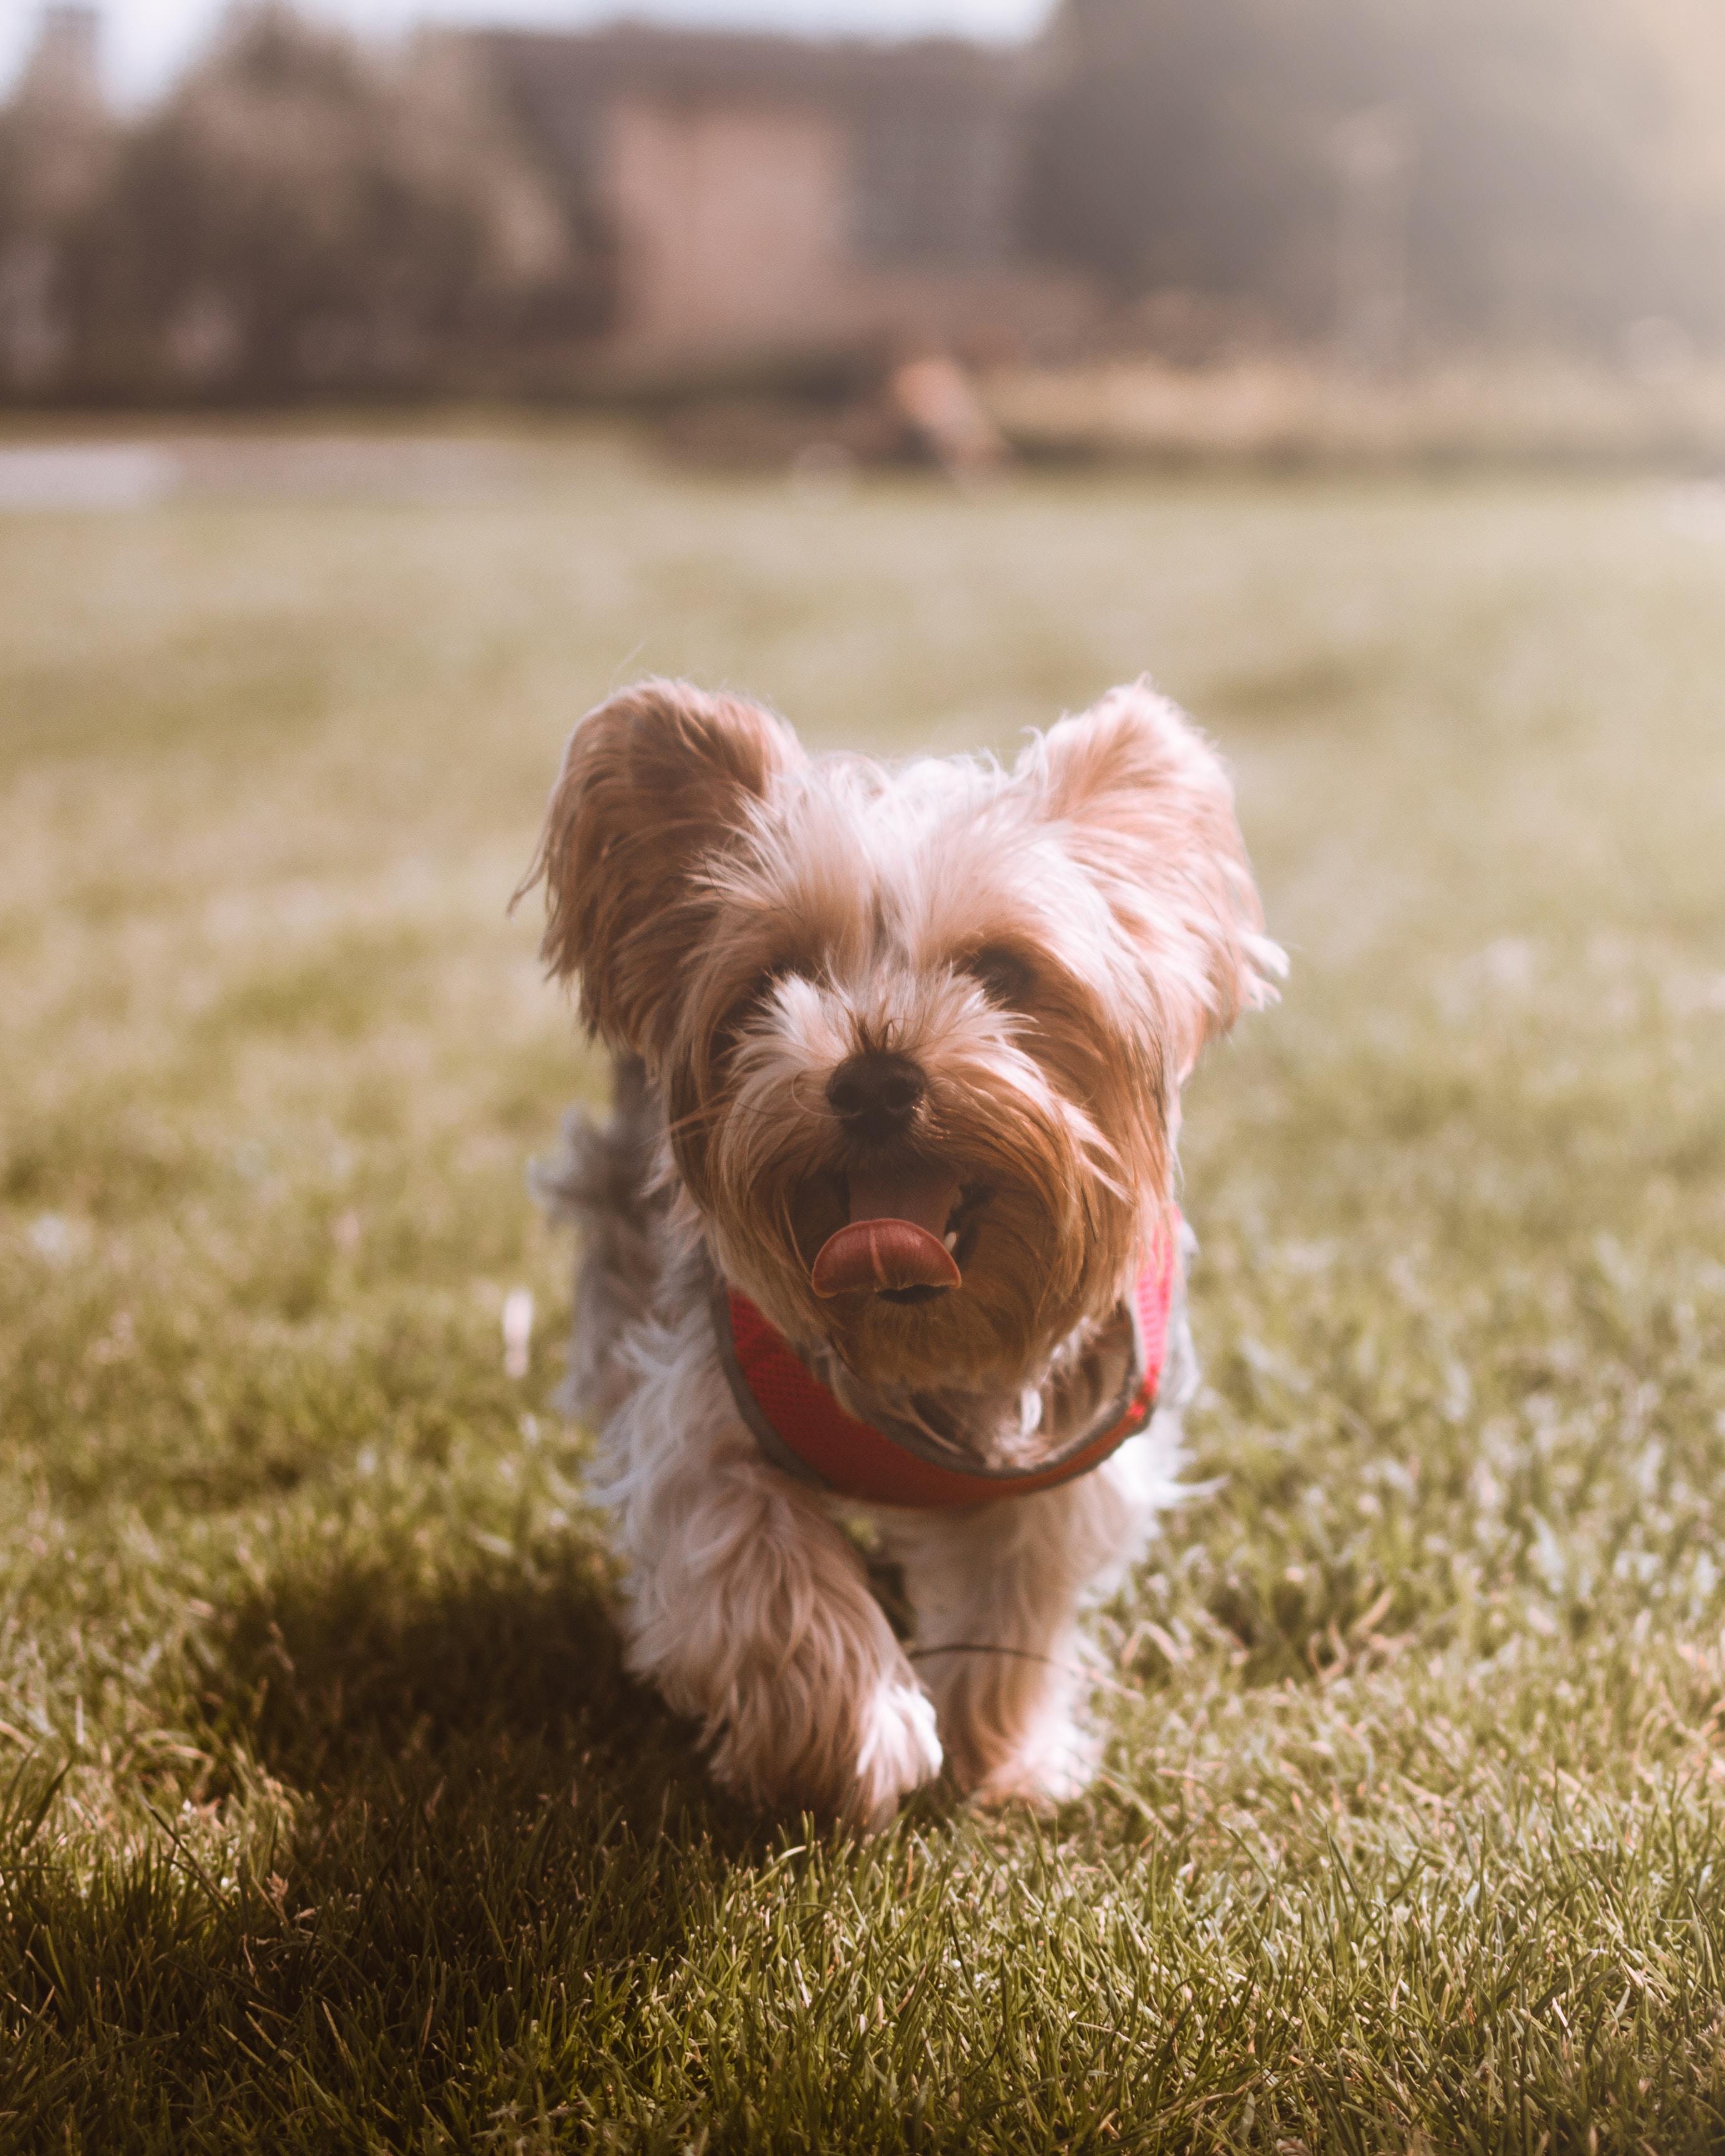 brown puppy walking on grass field